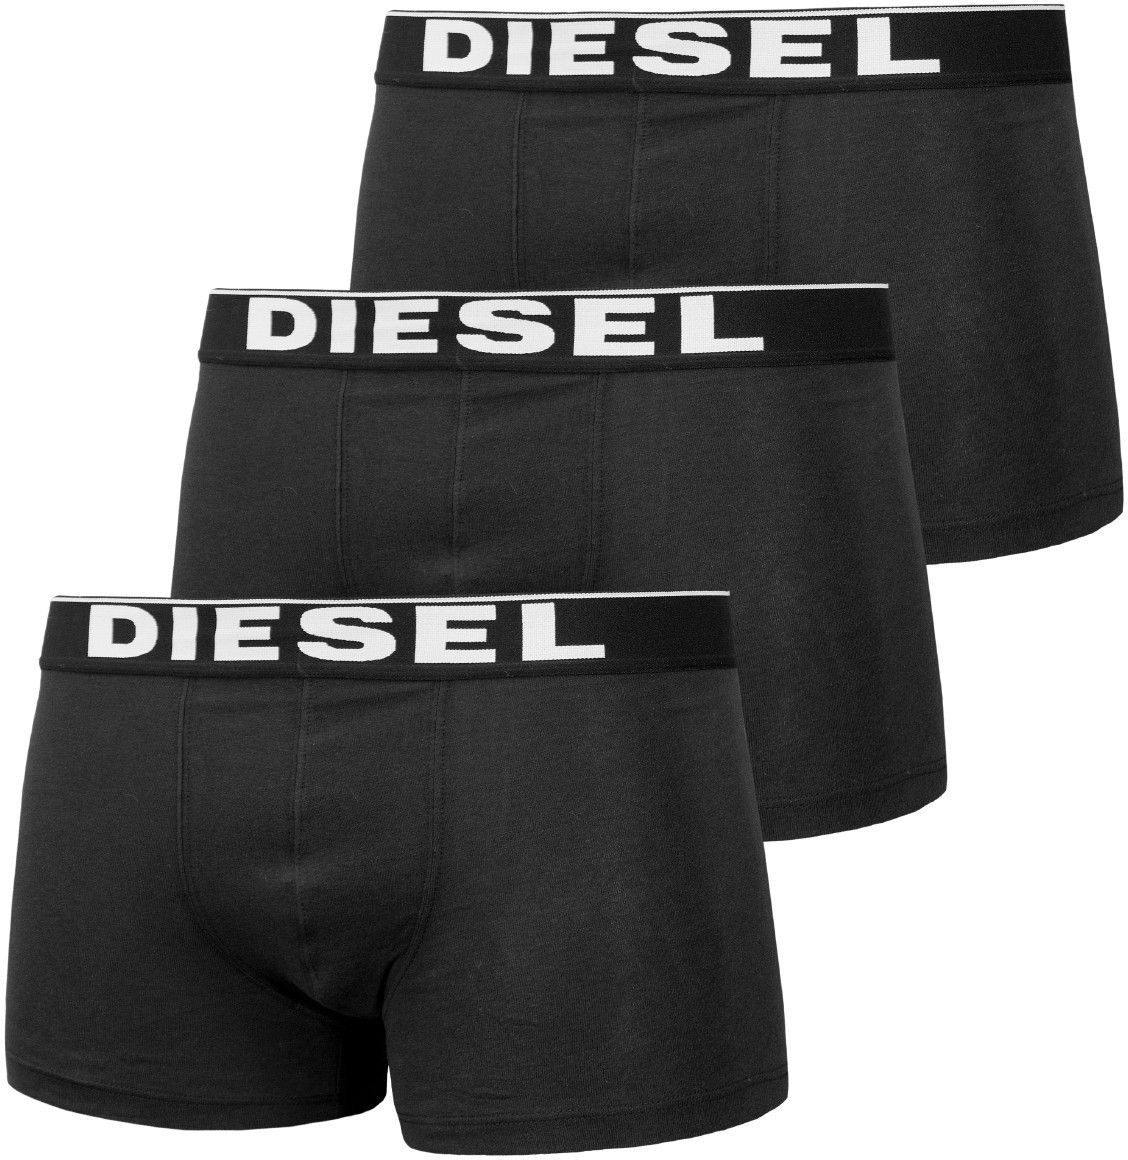 Image of Diesel 3-Pack Boxershorts (00CKY30NTGA-900)